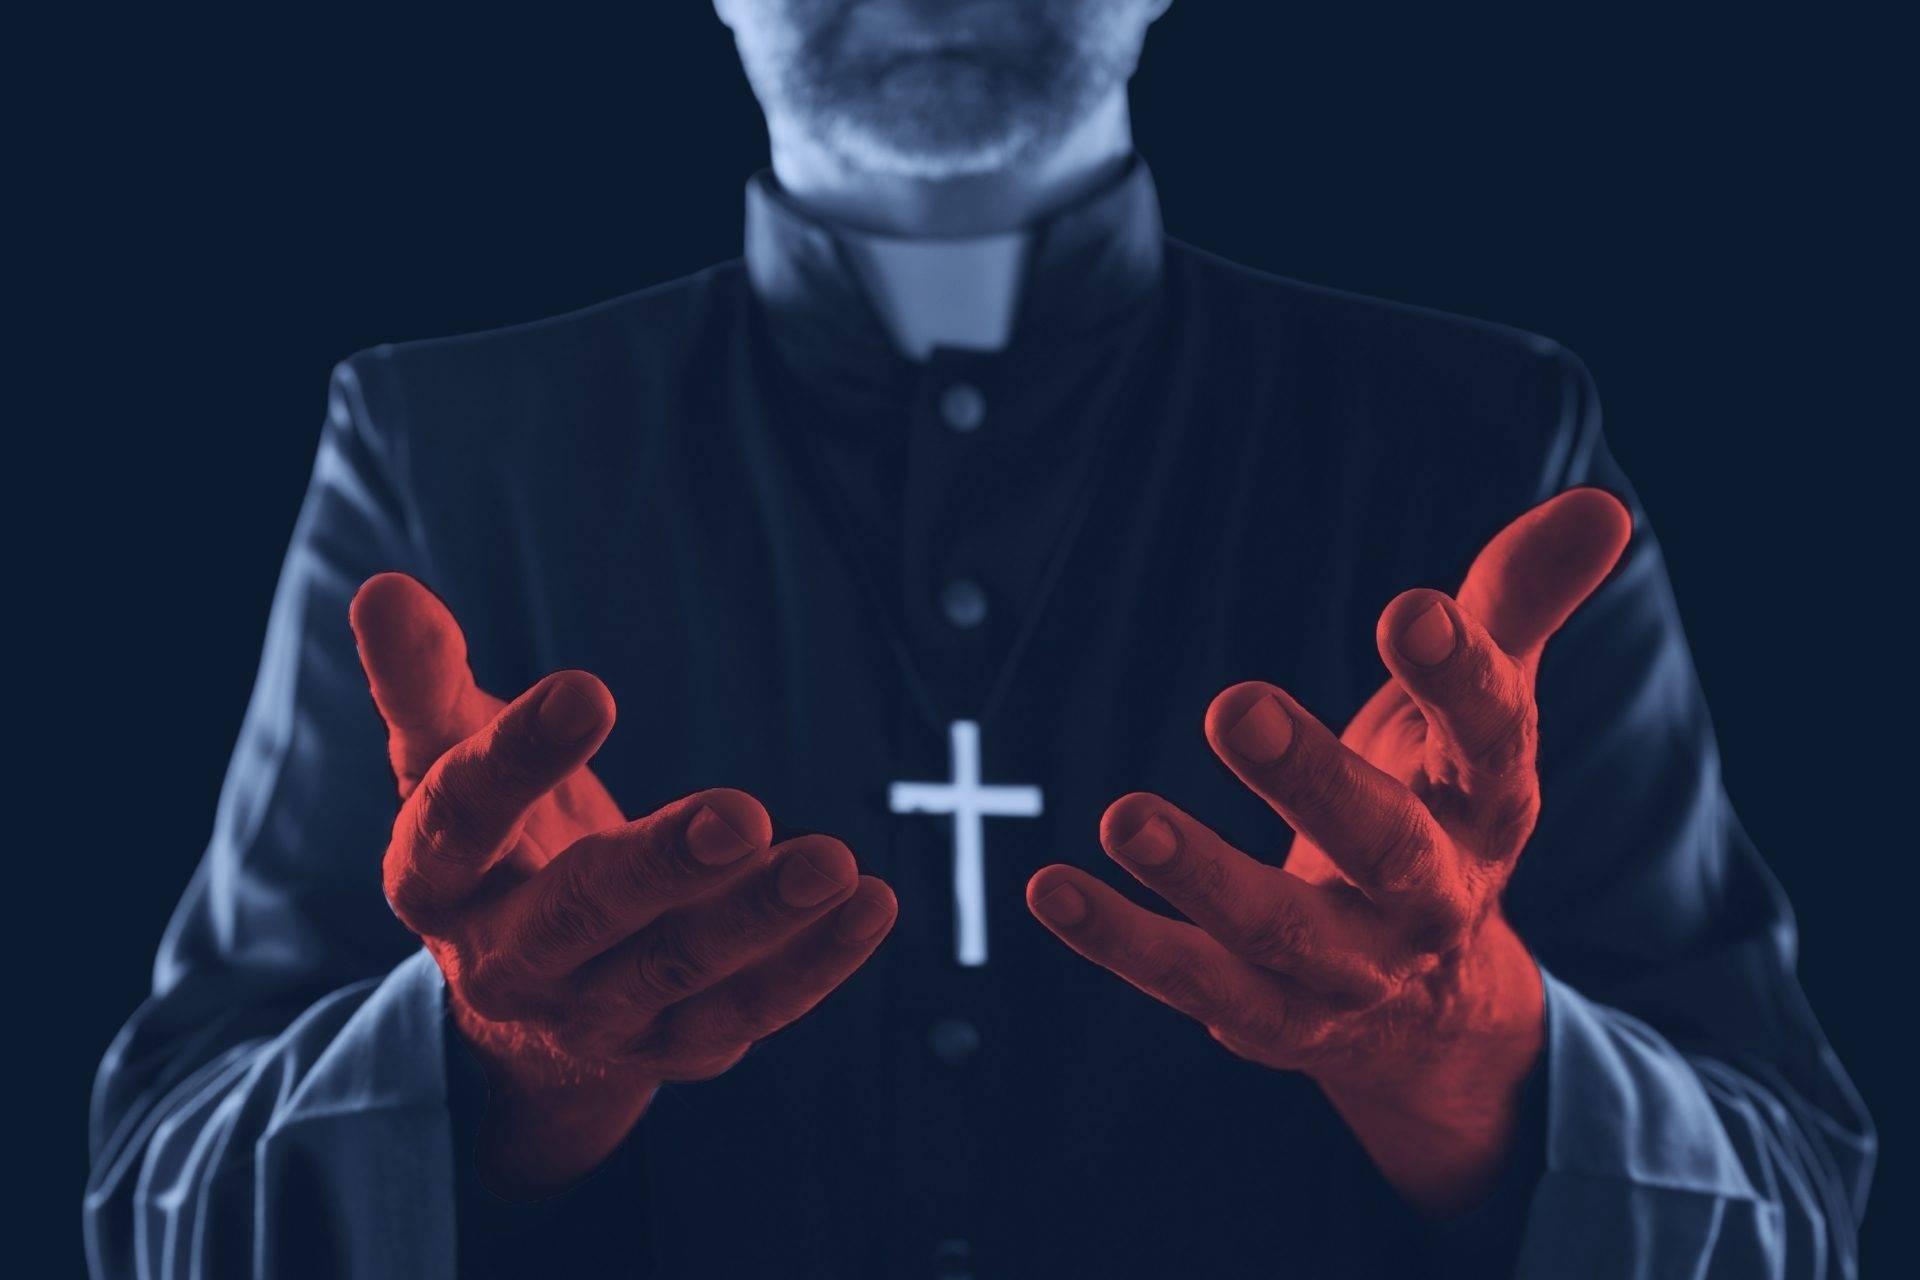 OkładkaCzy księża odpowiadają za 1/3 przypadków molestowania seksualnego dzieci?